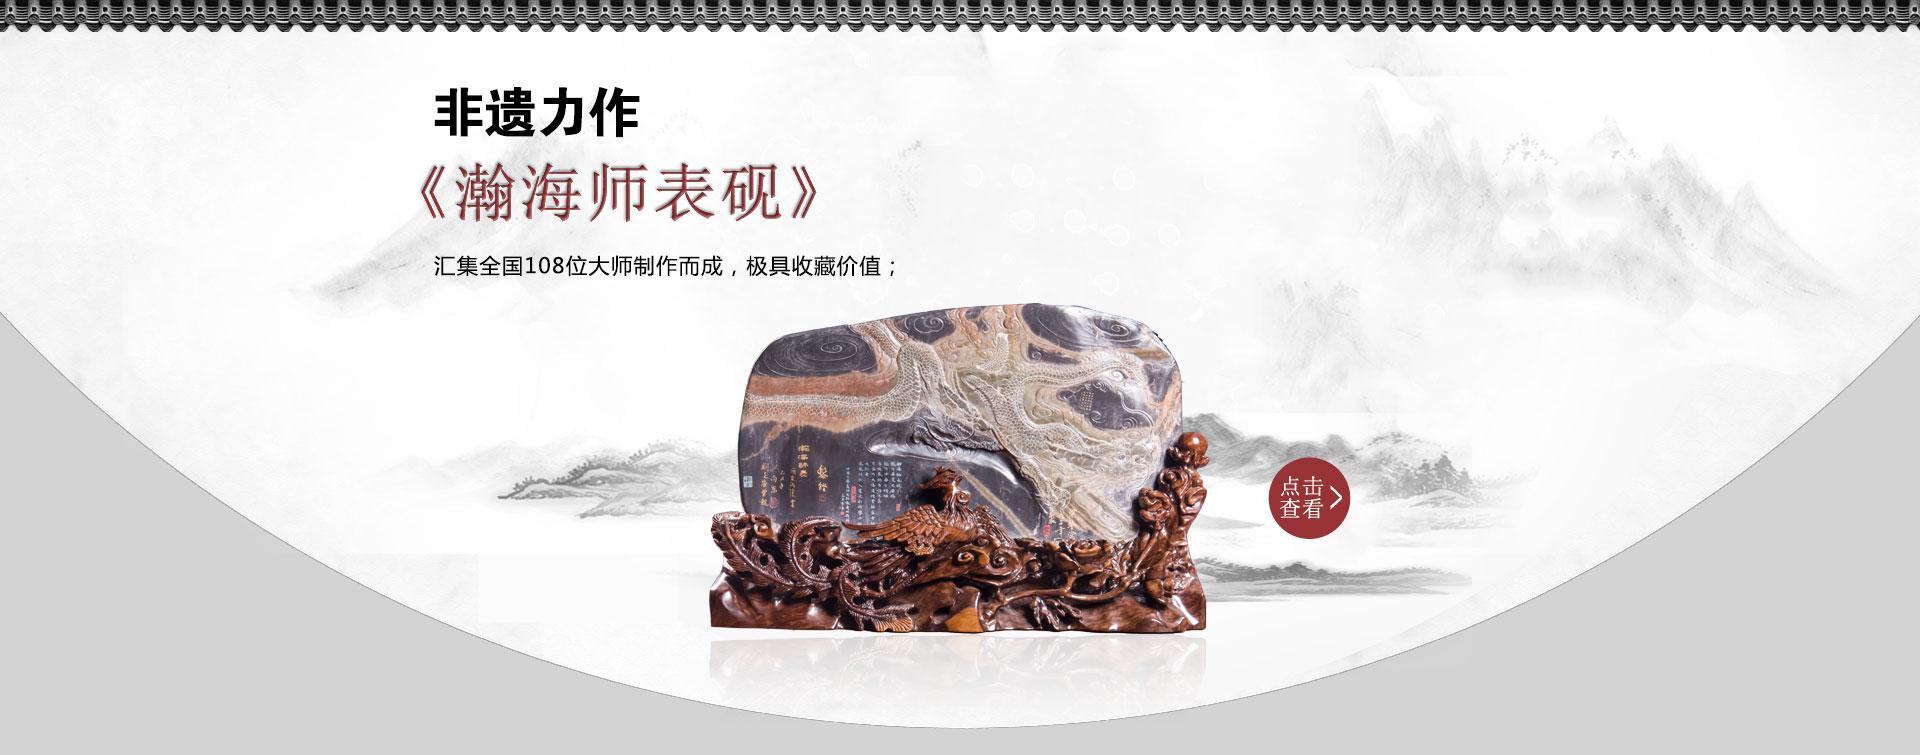 瀚海师表砚 集全国109位砚雕大师非遗产地力作 艺术品 爱特猫 砚台